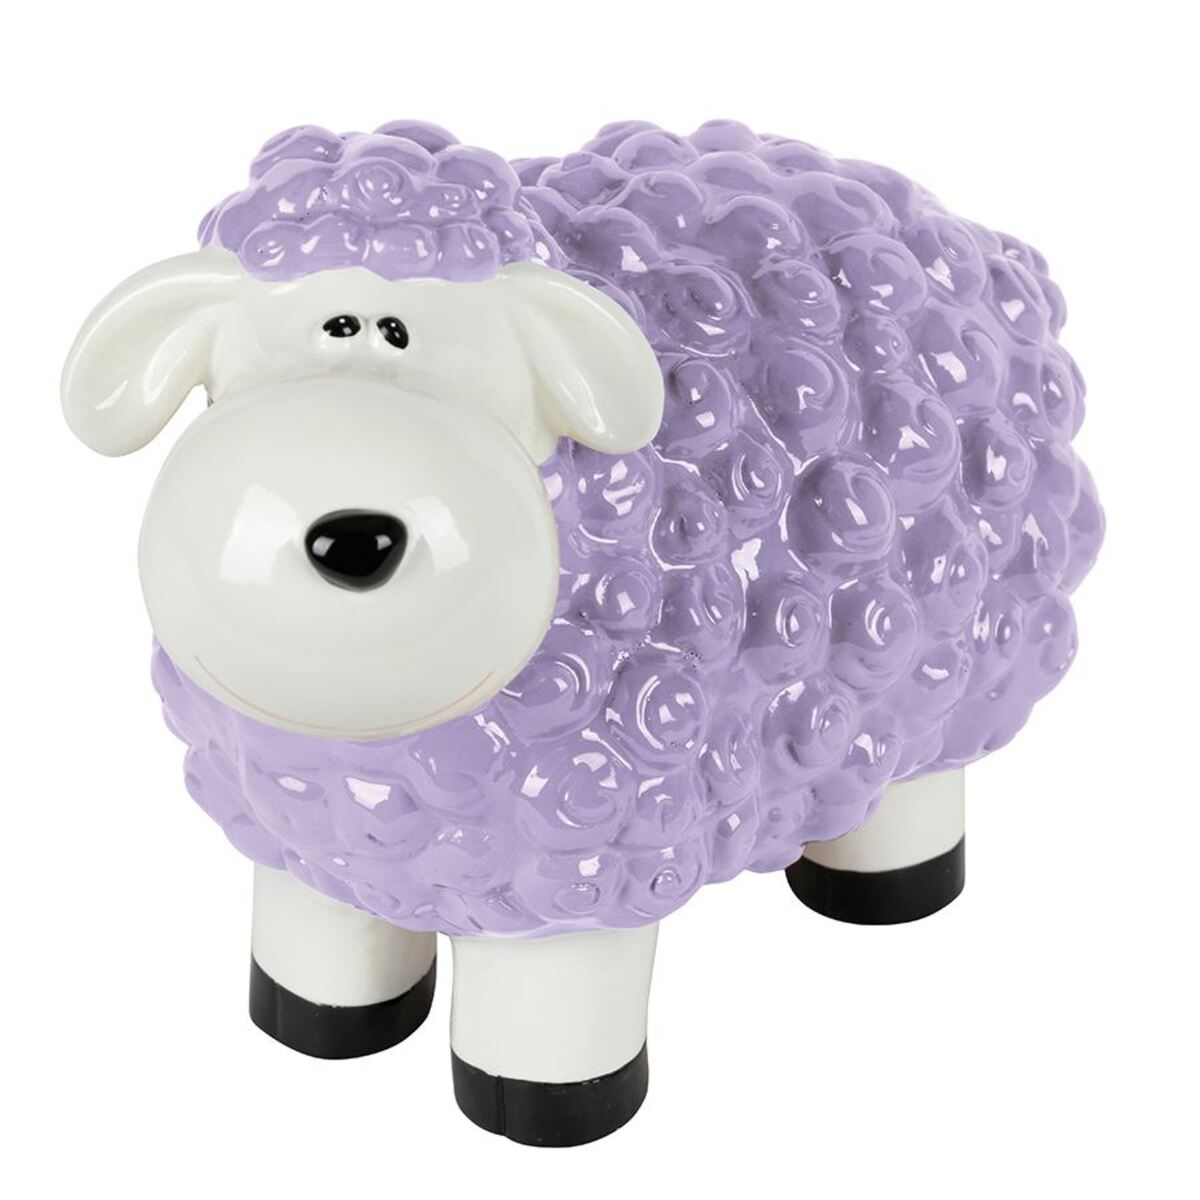 Bild 3 von Gartenfigur Mini-Schaf Pastellflieder